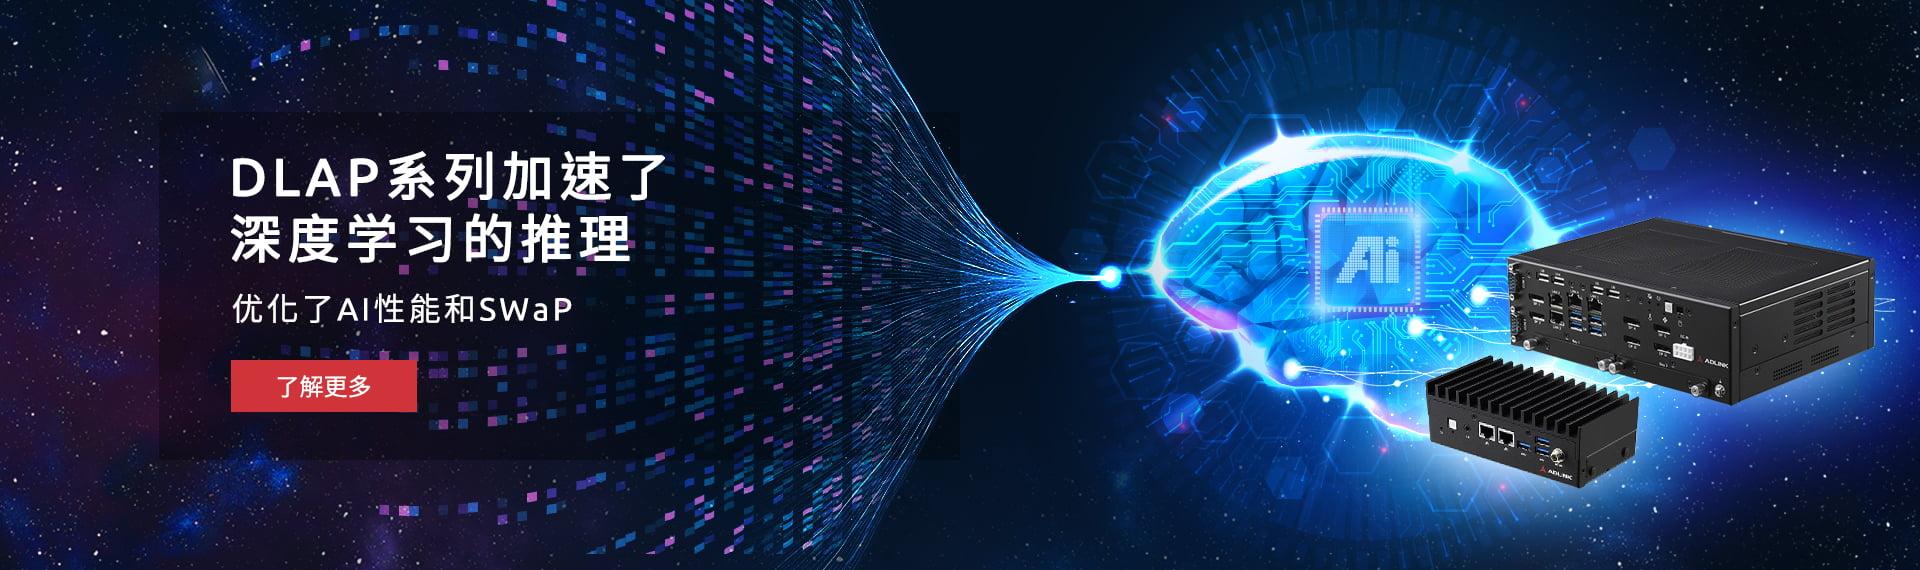 凌华科技致力于推动其基于优化架构的推理平台 DLAP,在边缘侧部署人工智能应用。